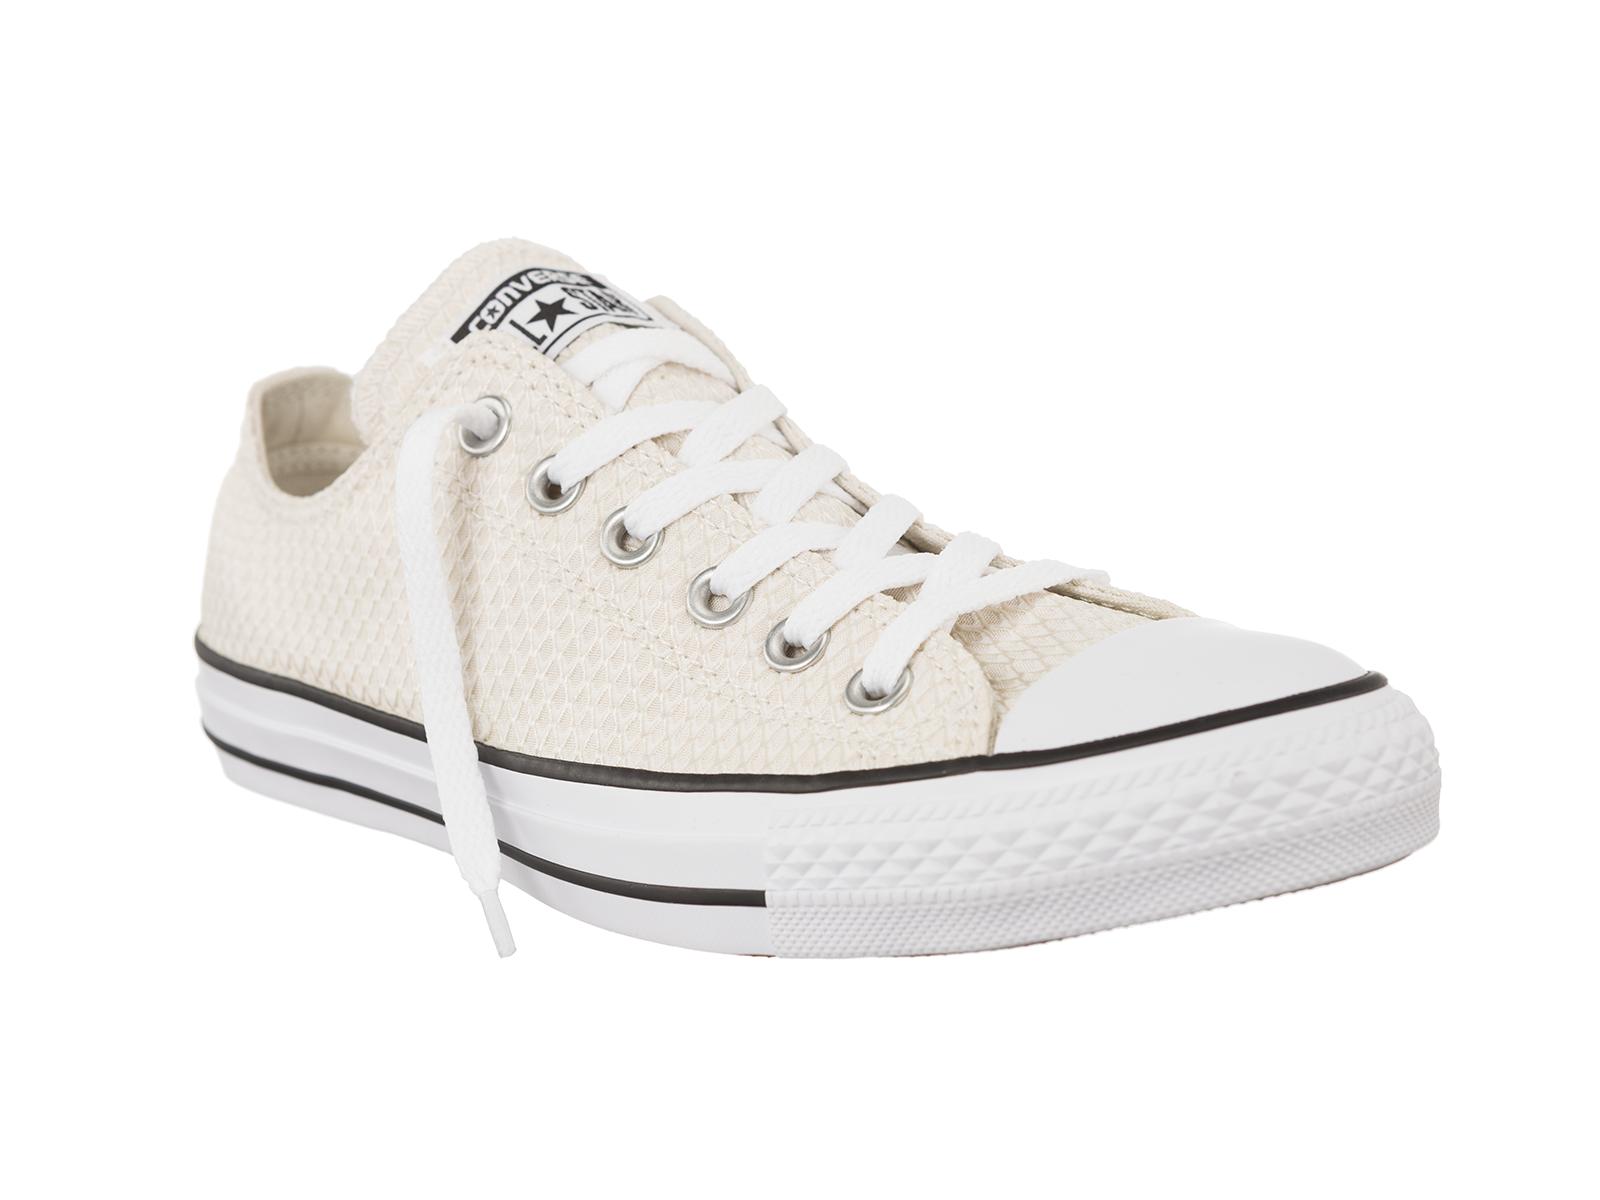 da942bf907 Converse Donna All Star Sneakers Scarpe Da Ginnastica Stringate Basse Righe  - tualu.org